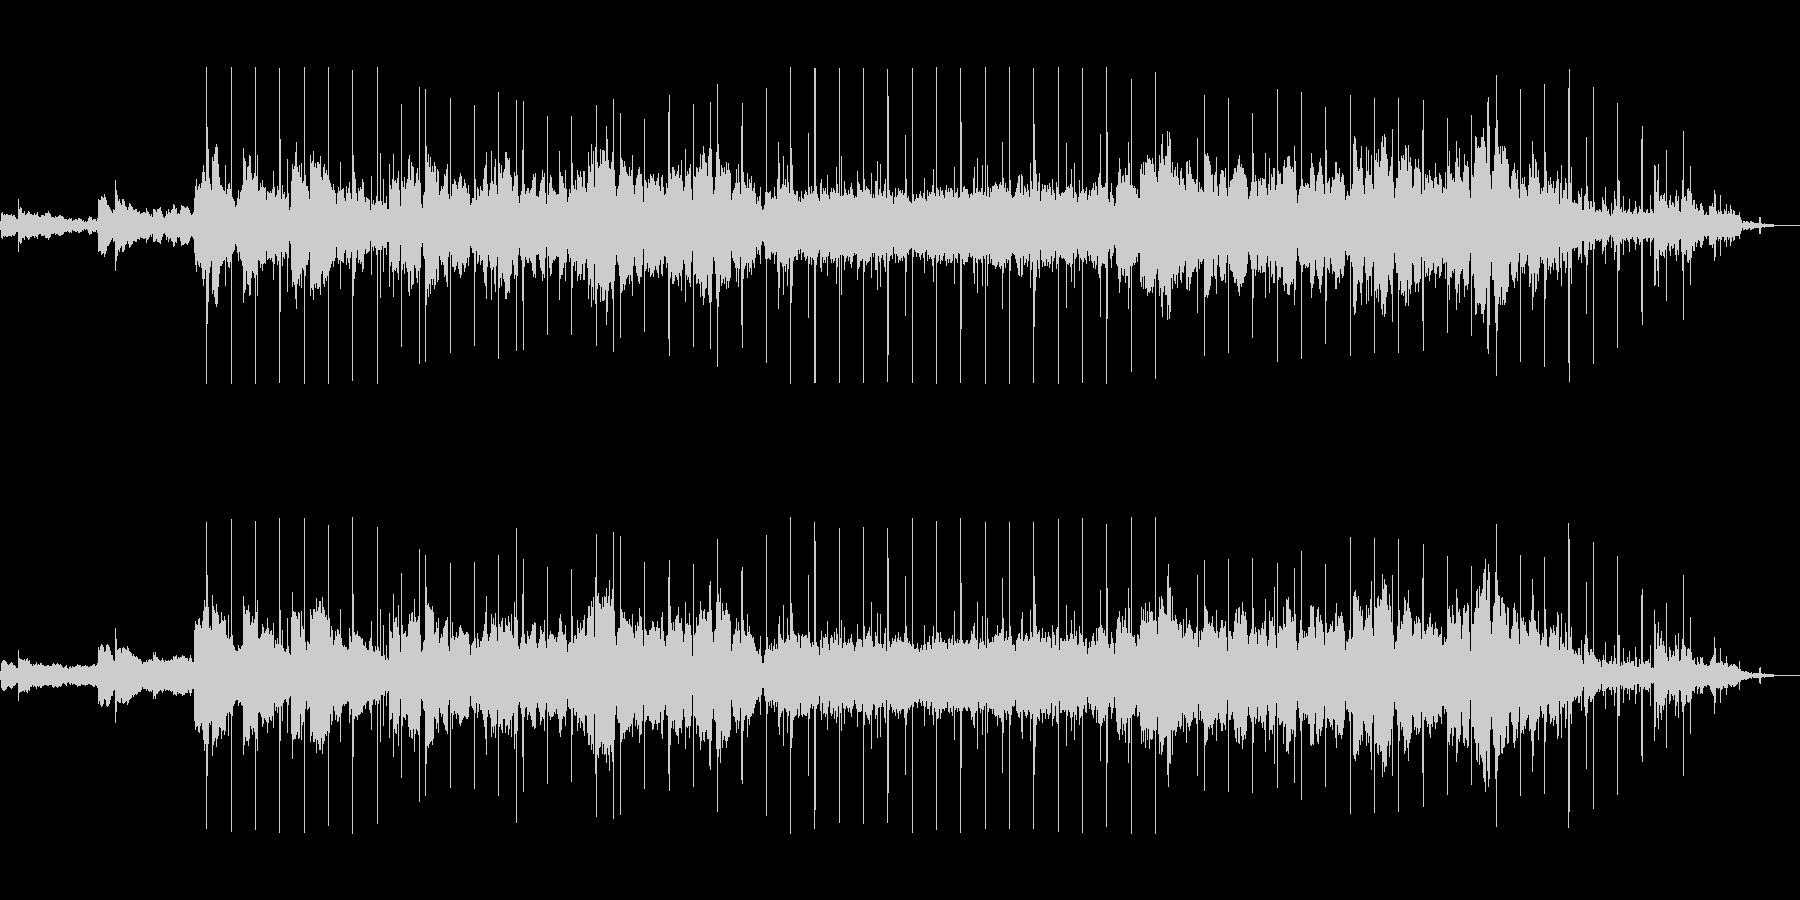 アンビエントローファイビートの未再生の波形